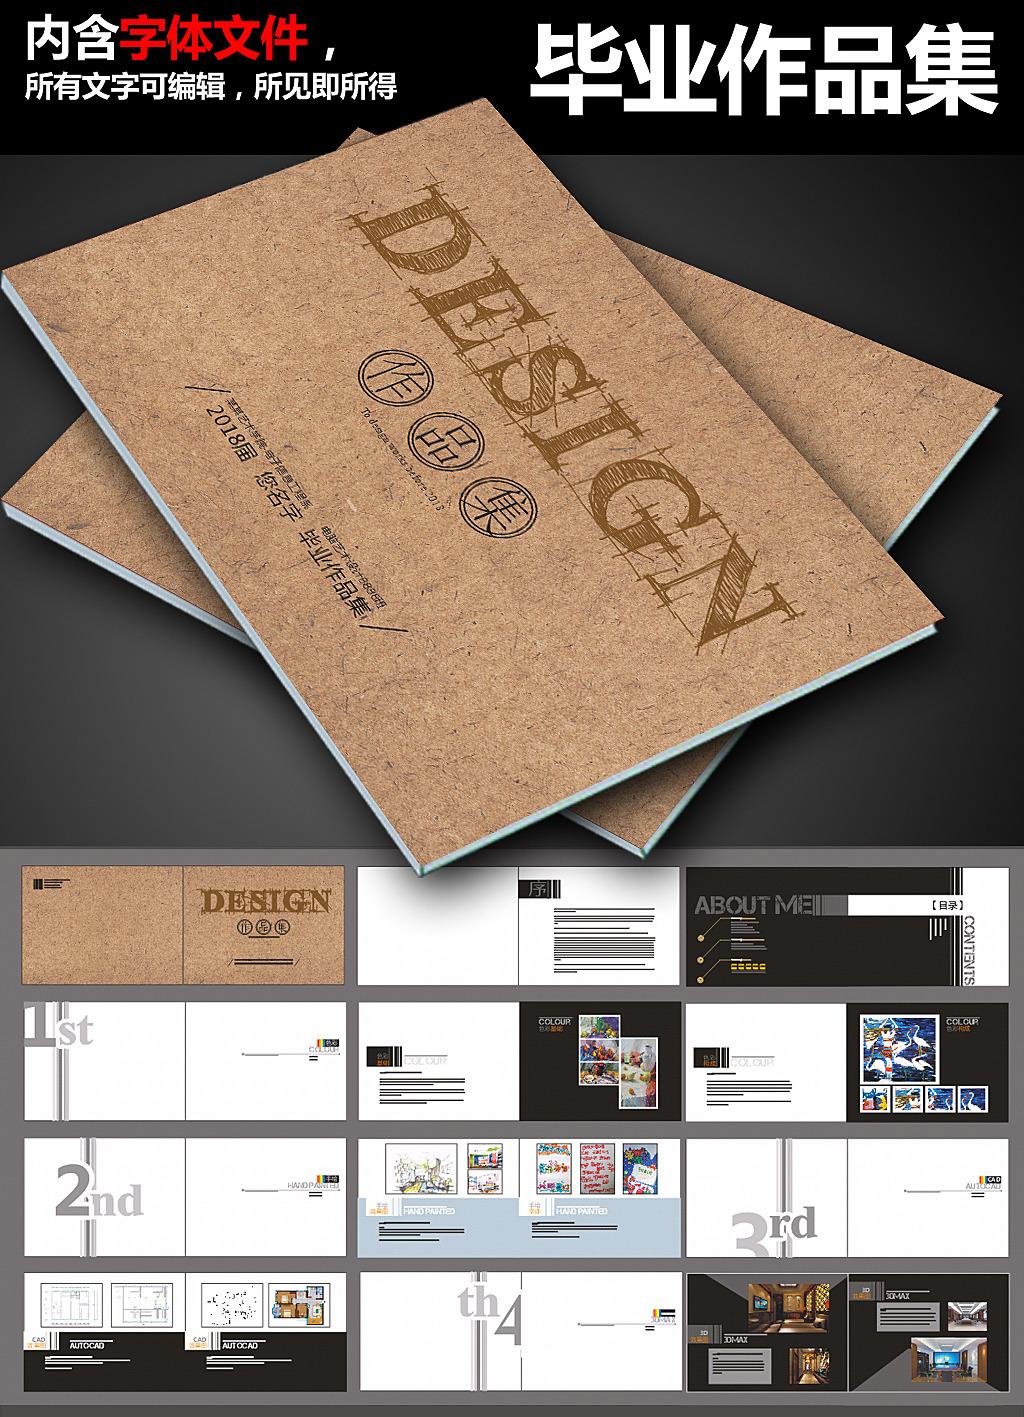 作品集 设计作品集 宣传资料 环境艺术 毕业设计 环艺设计 平面设计